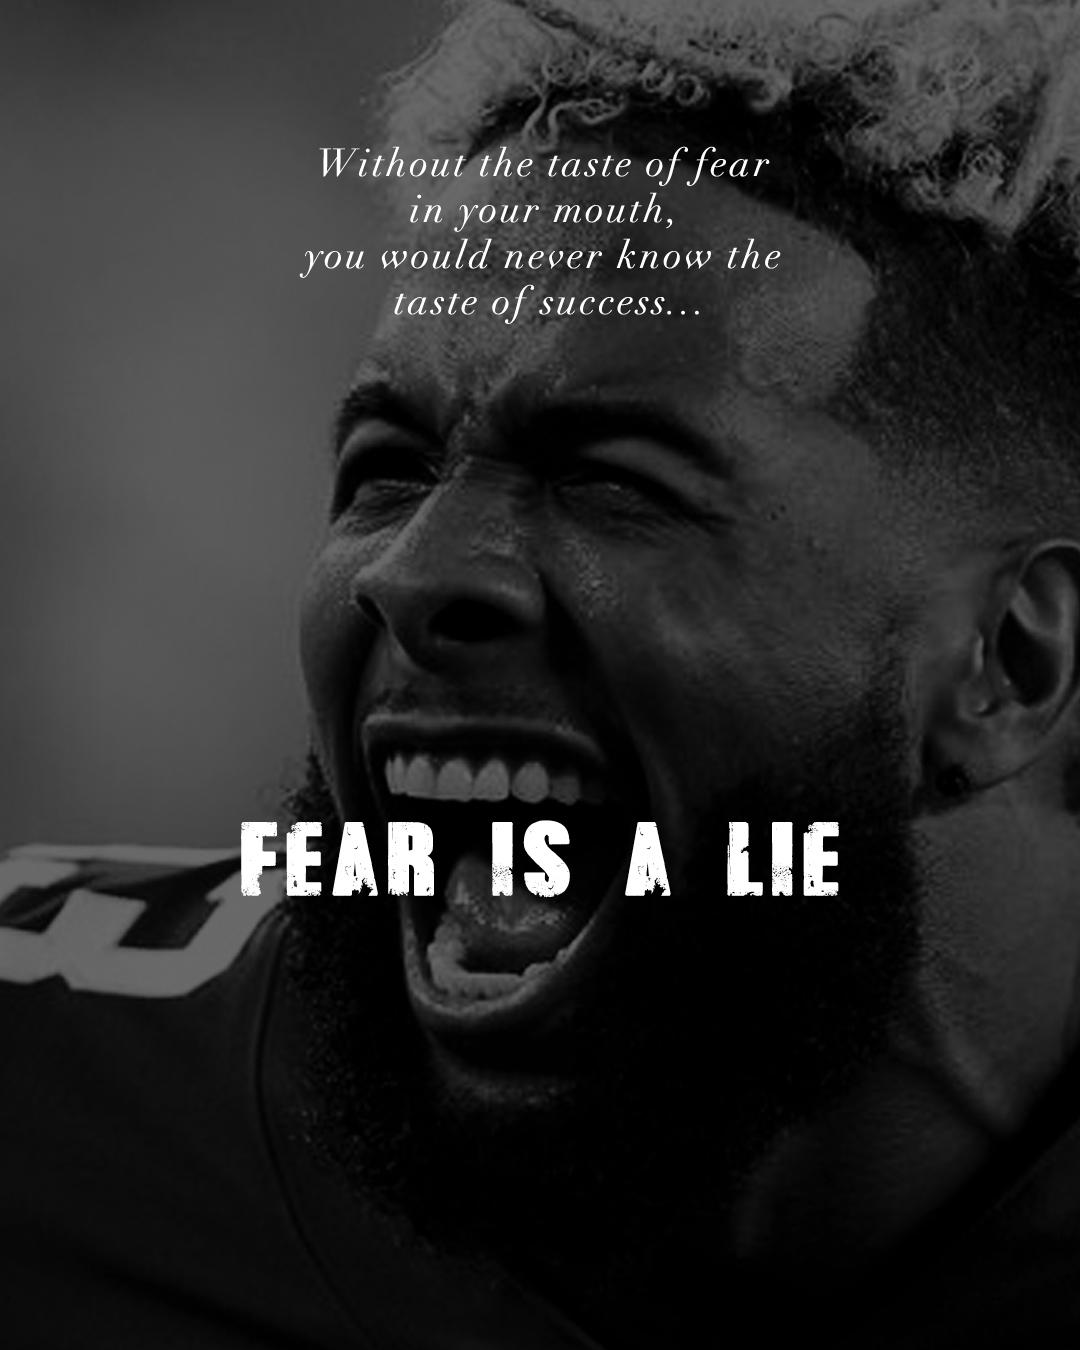 fear_is_a_lie_post2.jpg